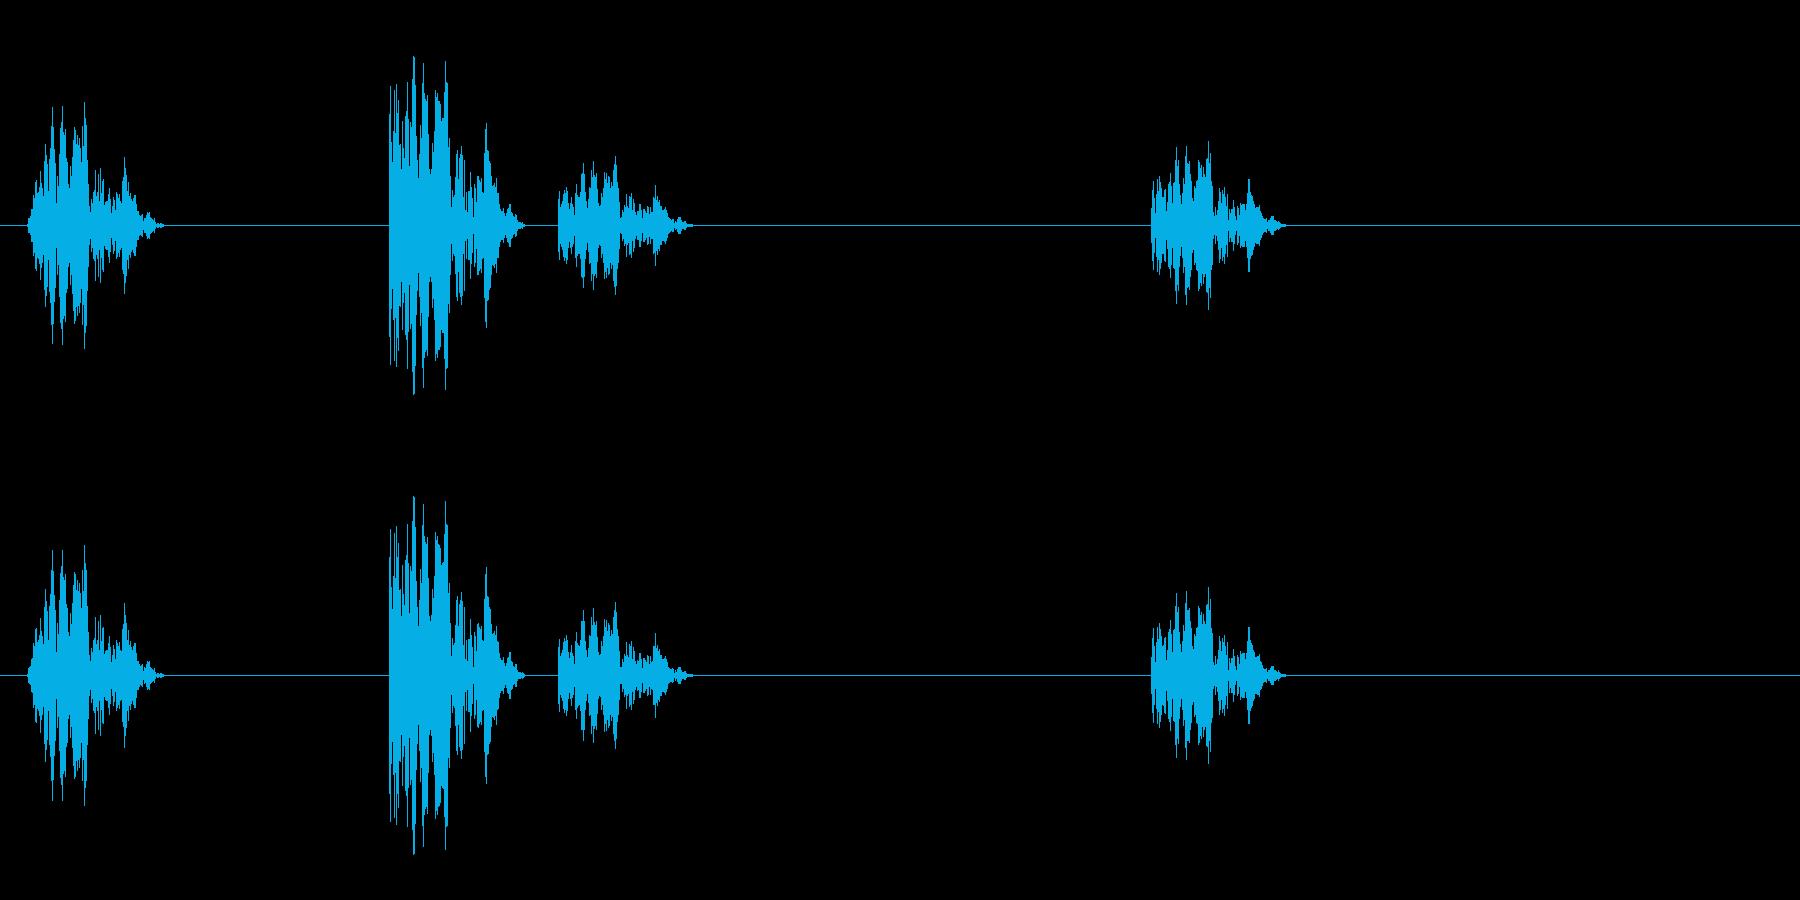 カッカカッカ(シューティング)の再生済みの波形